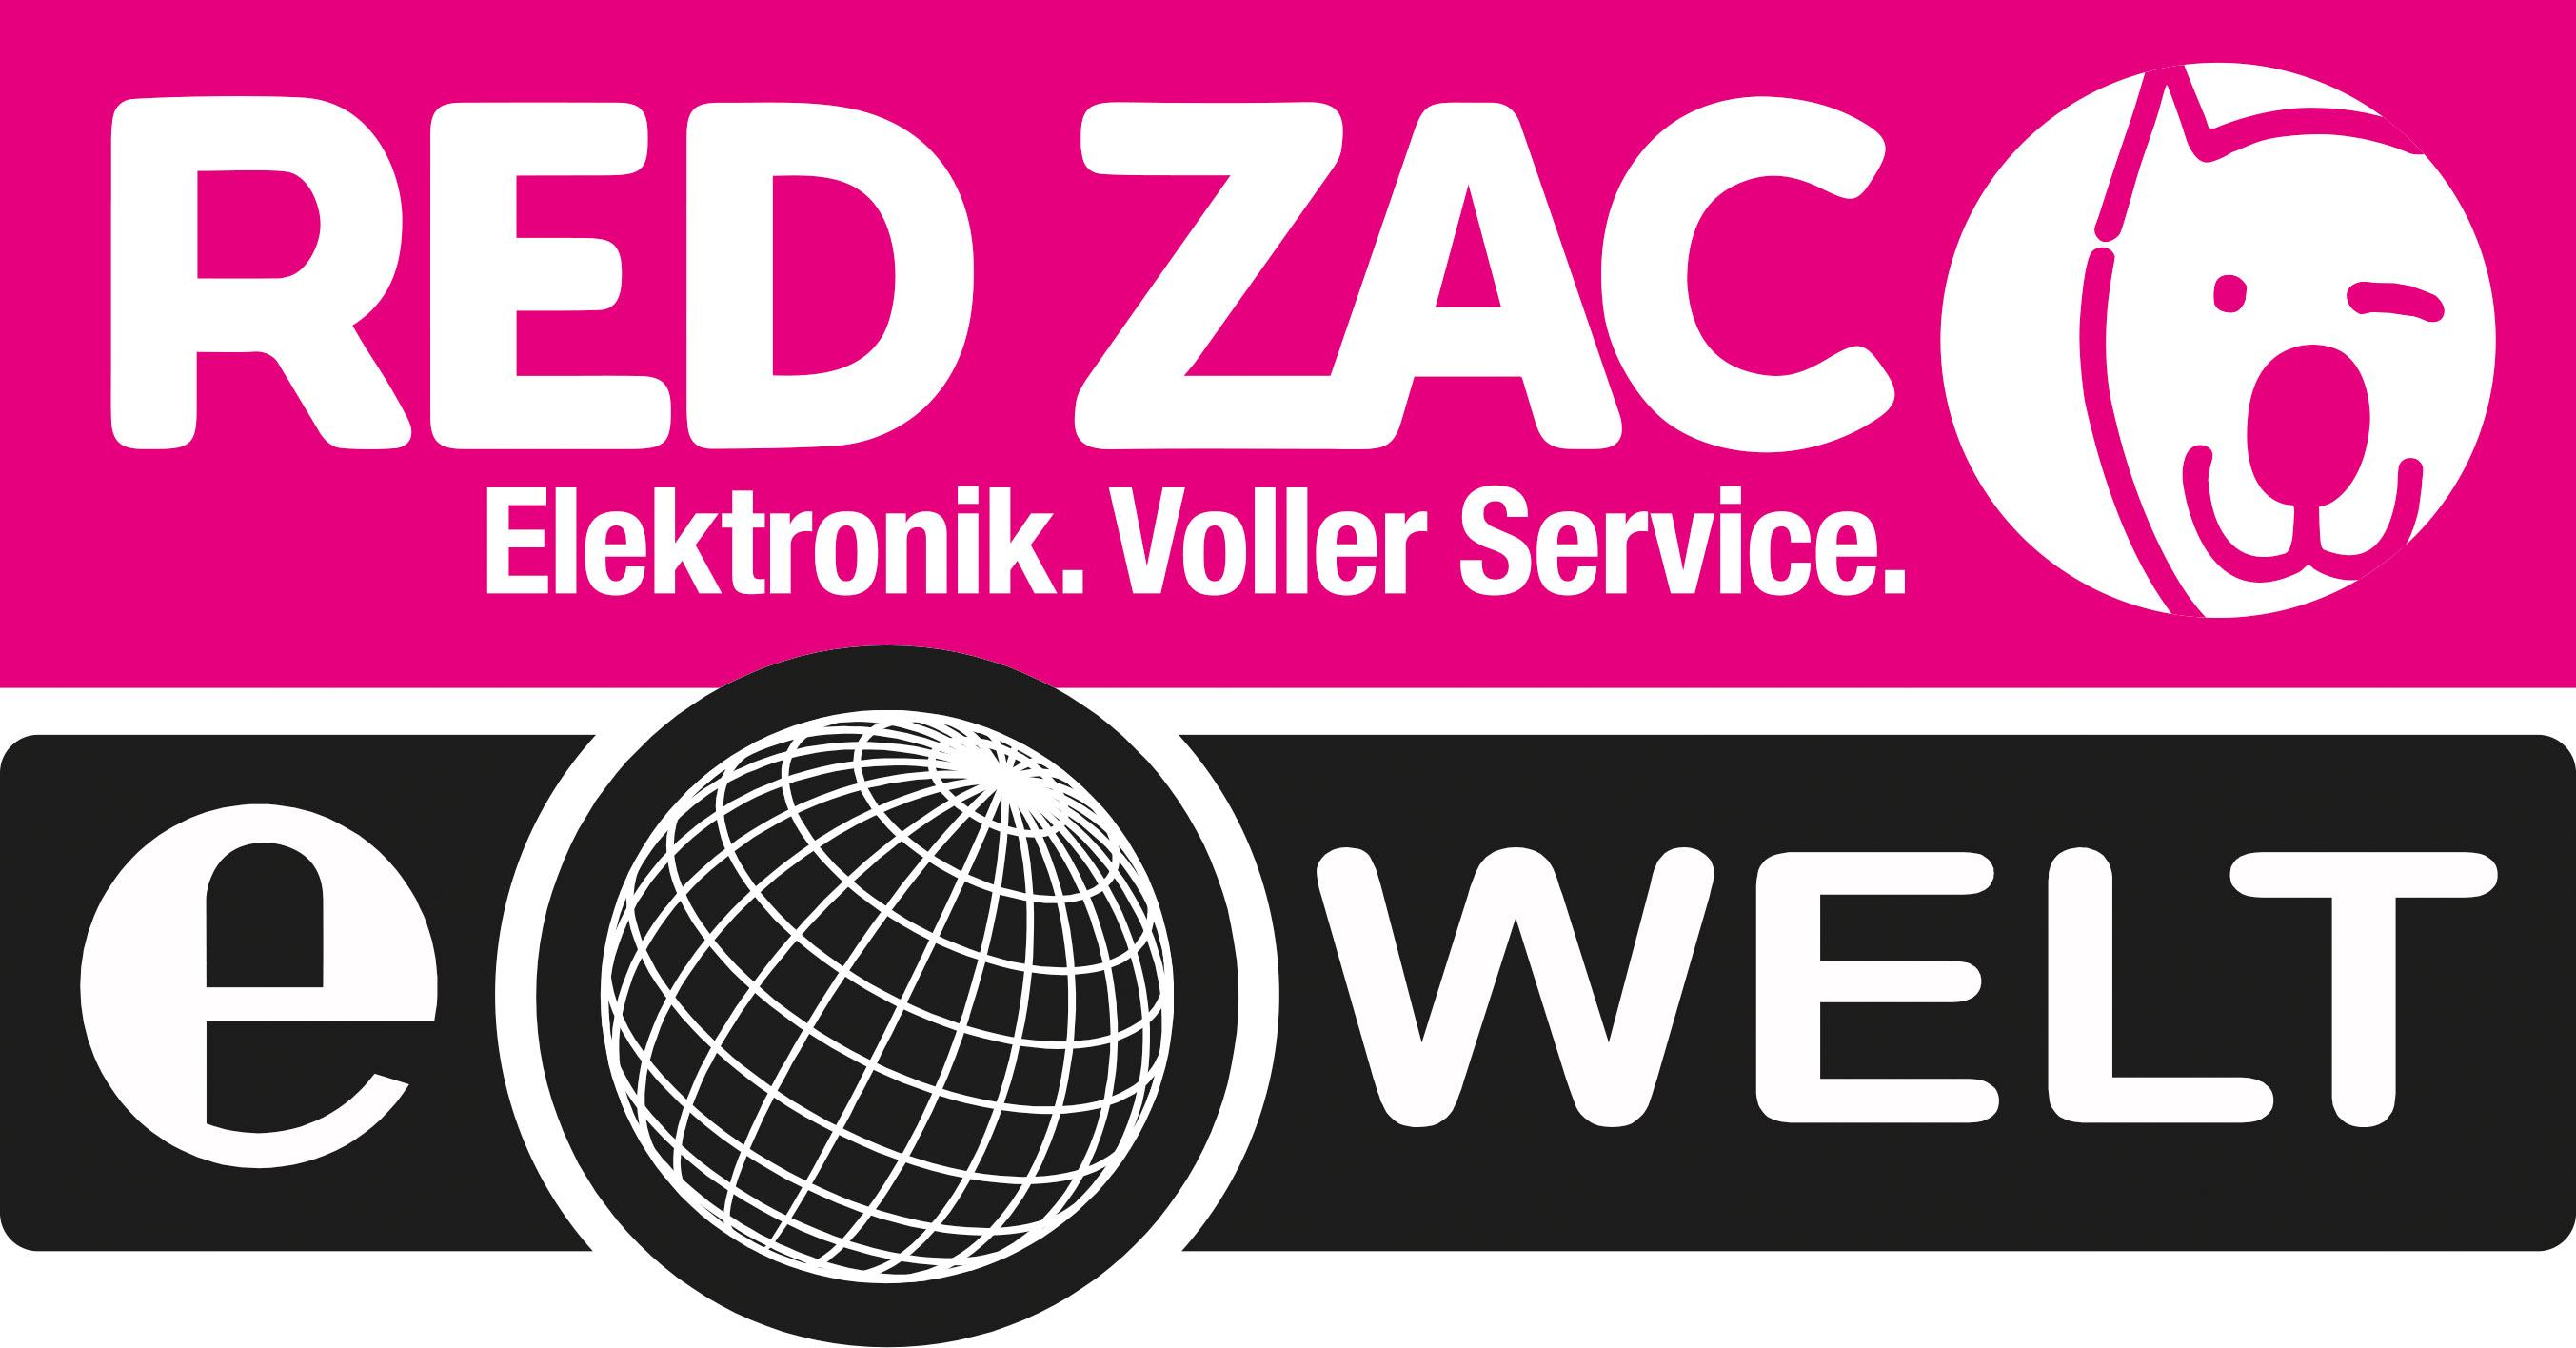 RedZac_ewelt